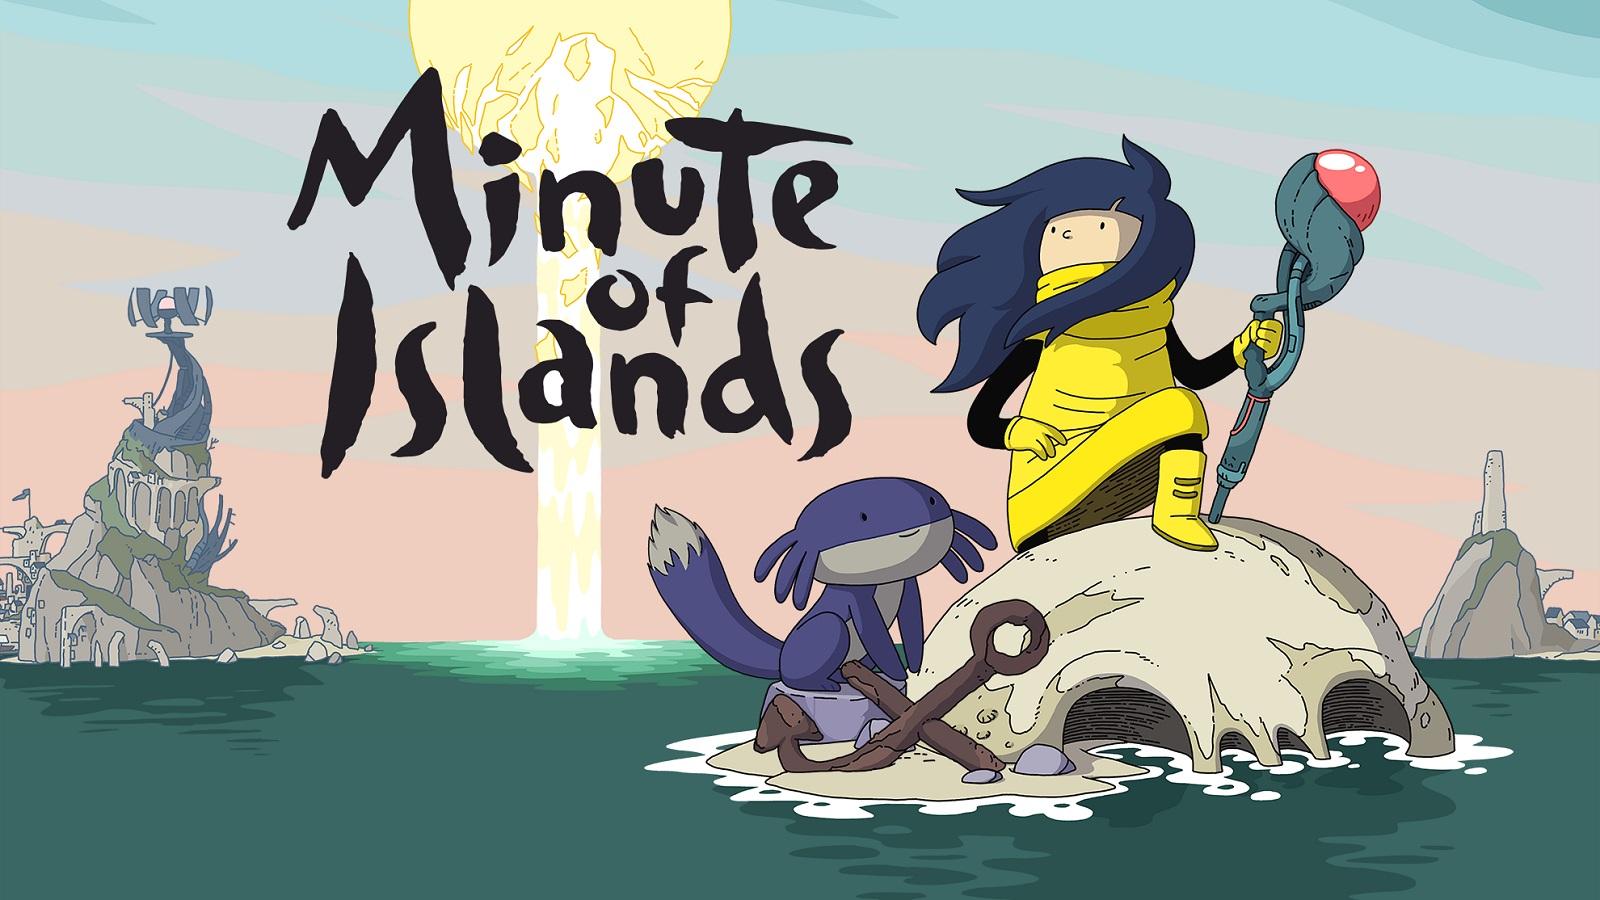 Minute of Islands лишилась даты выпуска за две недели до запланированного релиза